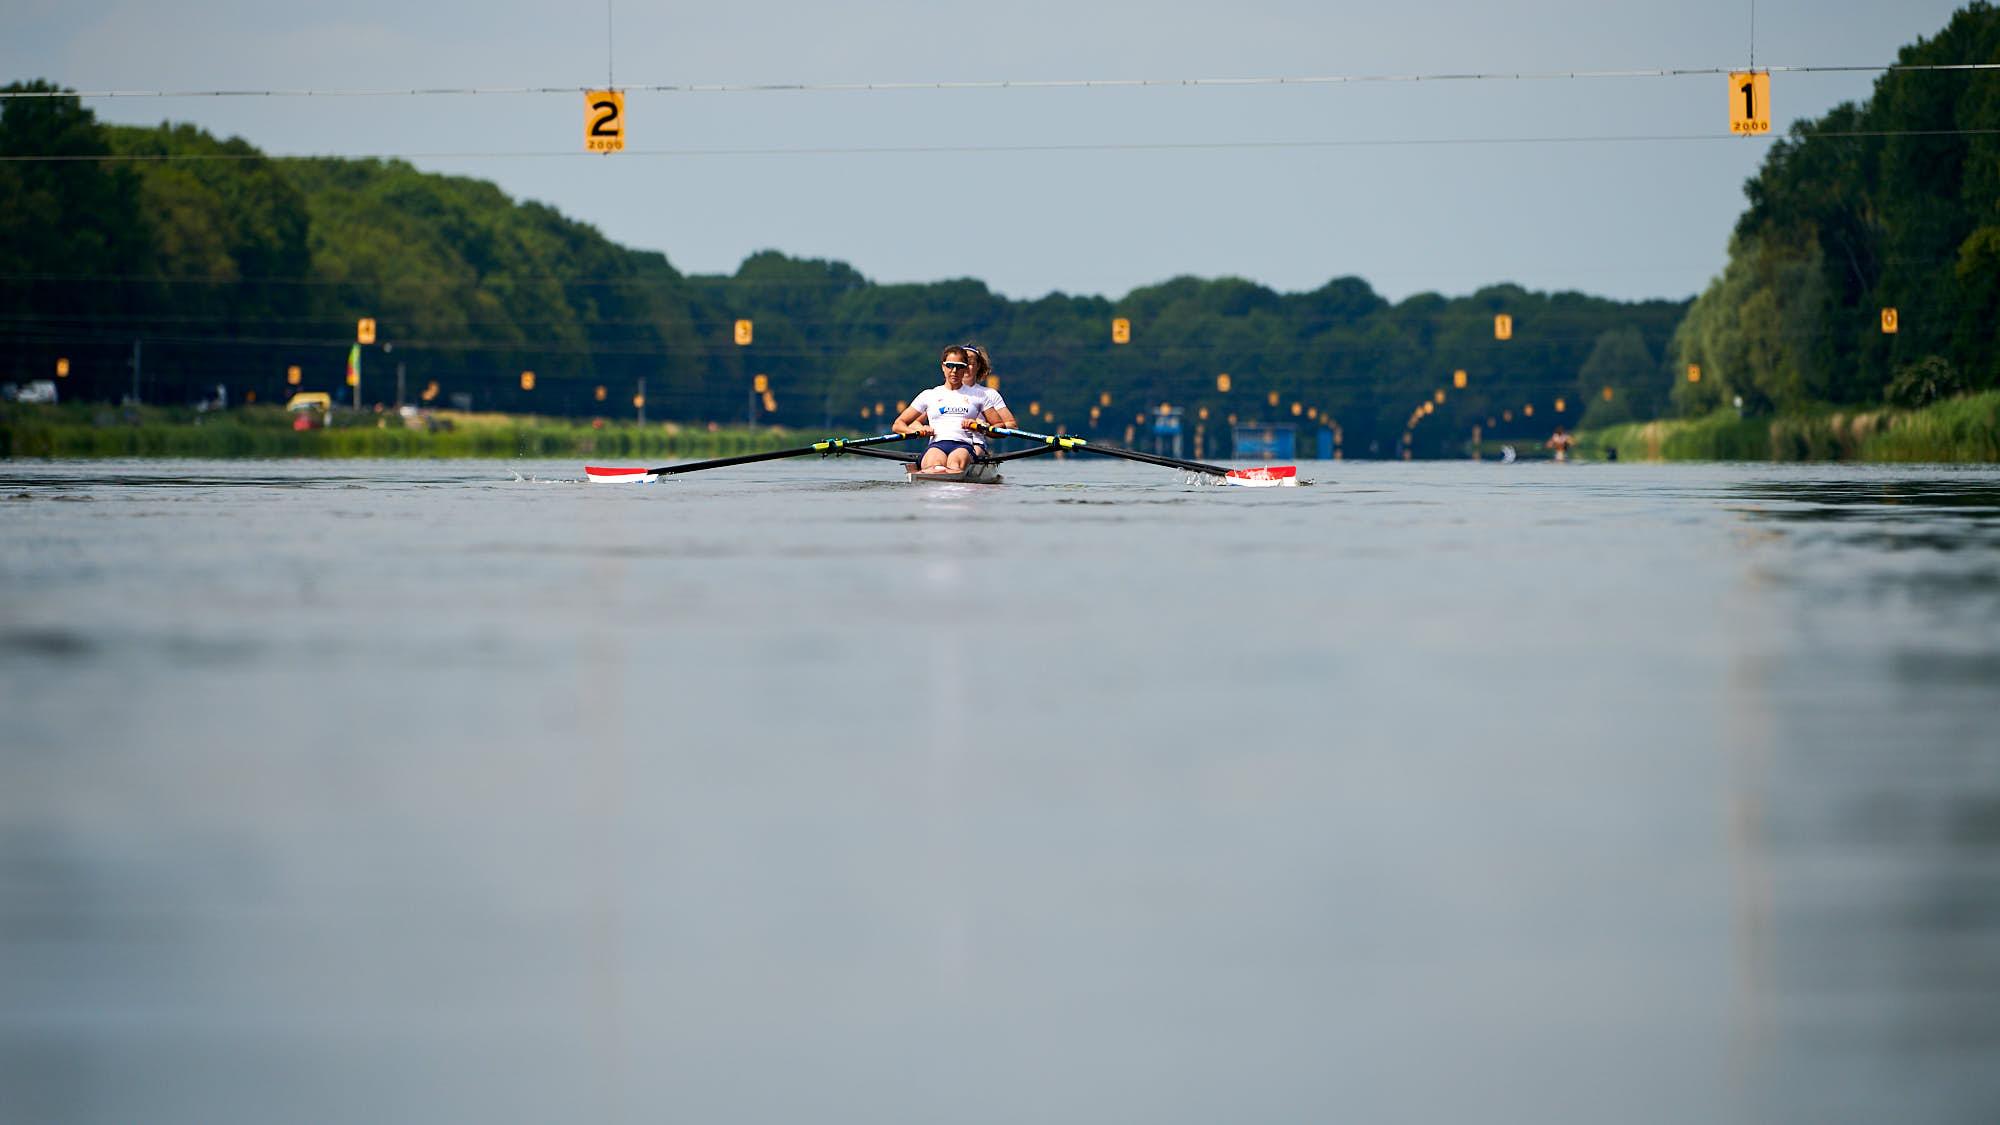 Ilse Paulis and Marieke Keijser rowing on Bosbaan in Amsterdam